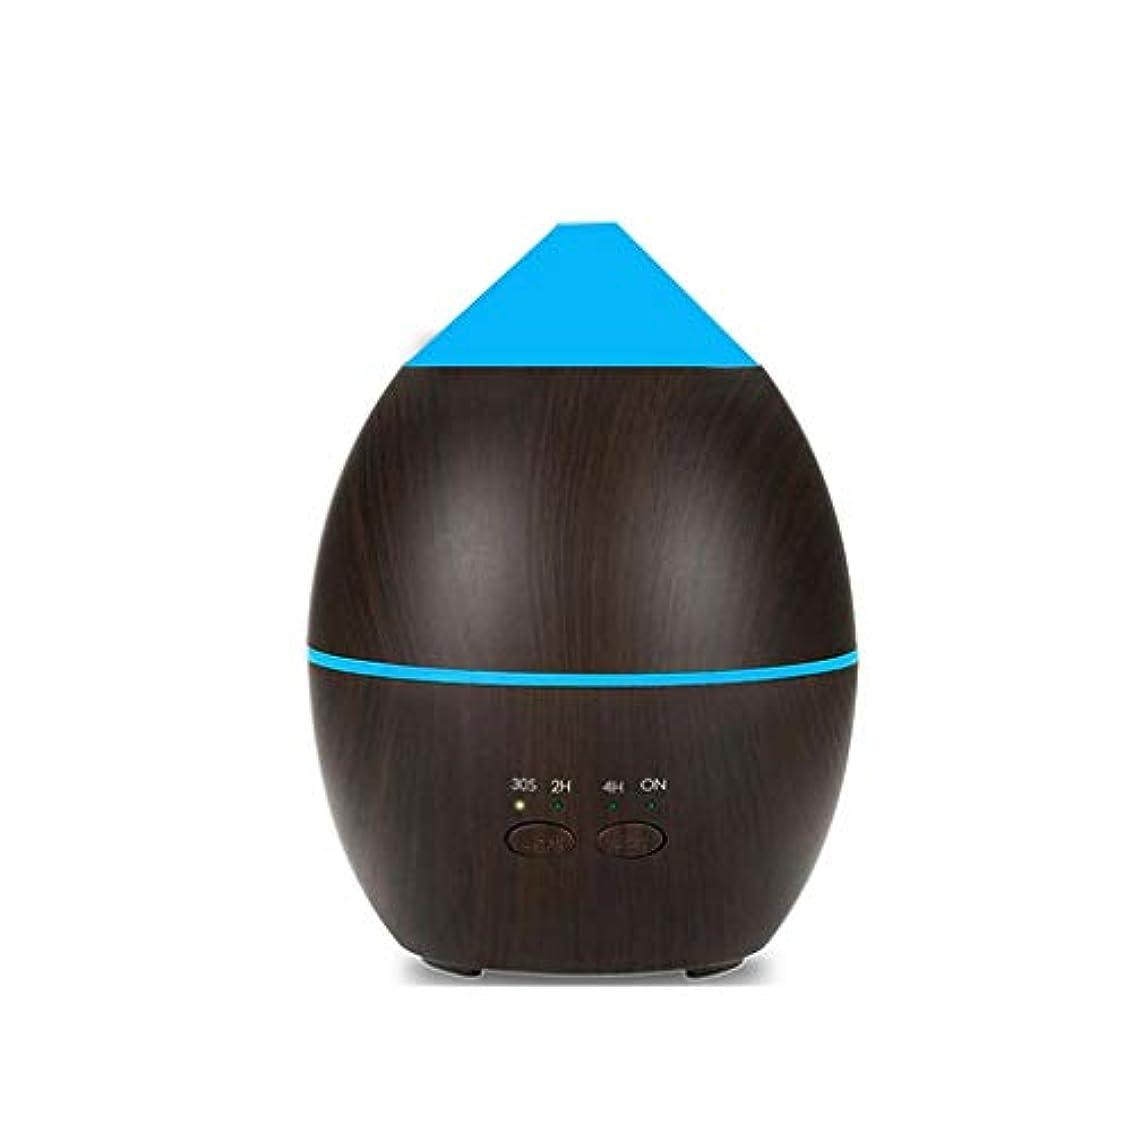 ラベル誇りに思う寄生虫加湿器水滴モデル300ミリリットル加湿器リモコンusb 300ミリリットル、木目 (Color : Brown)